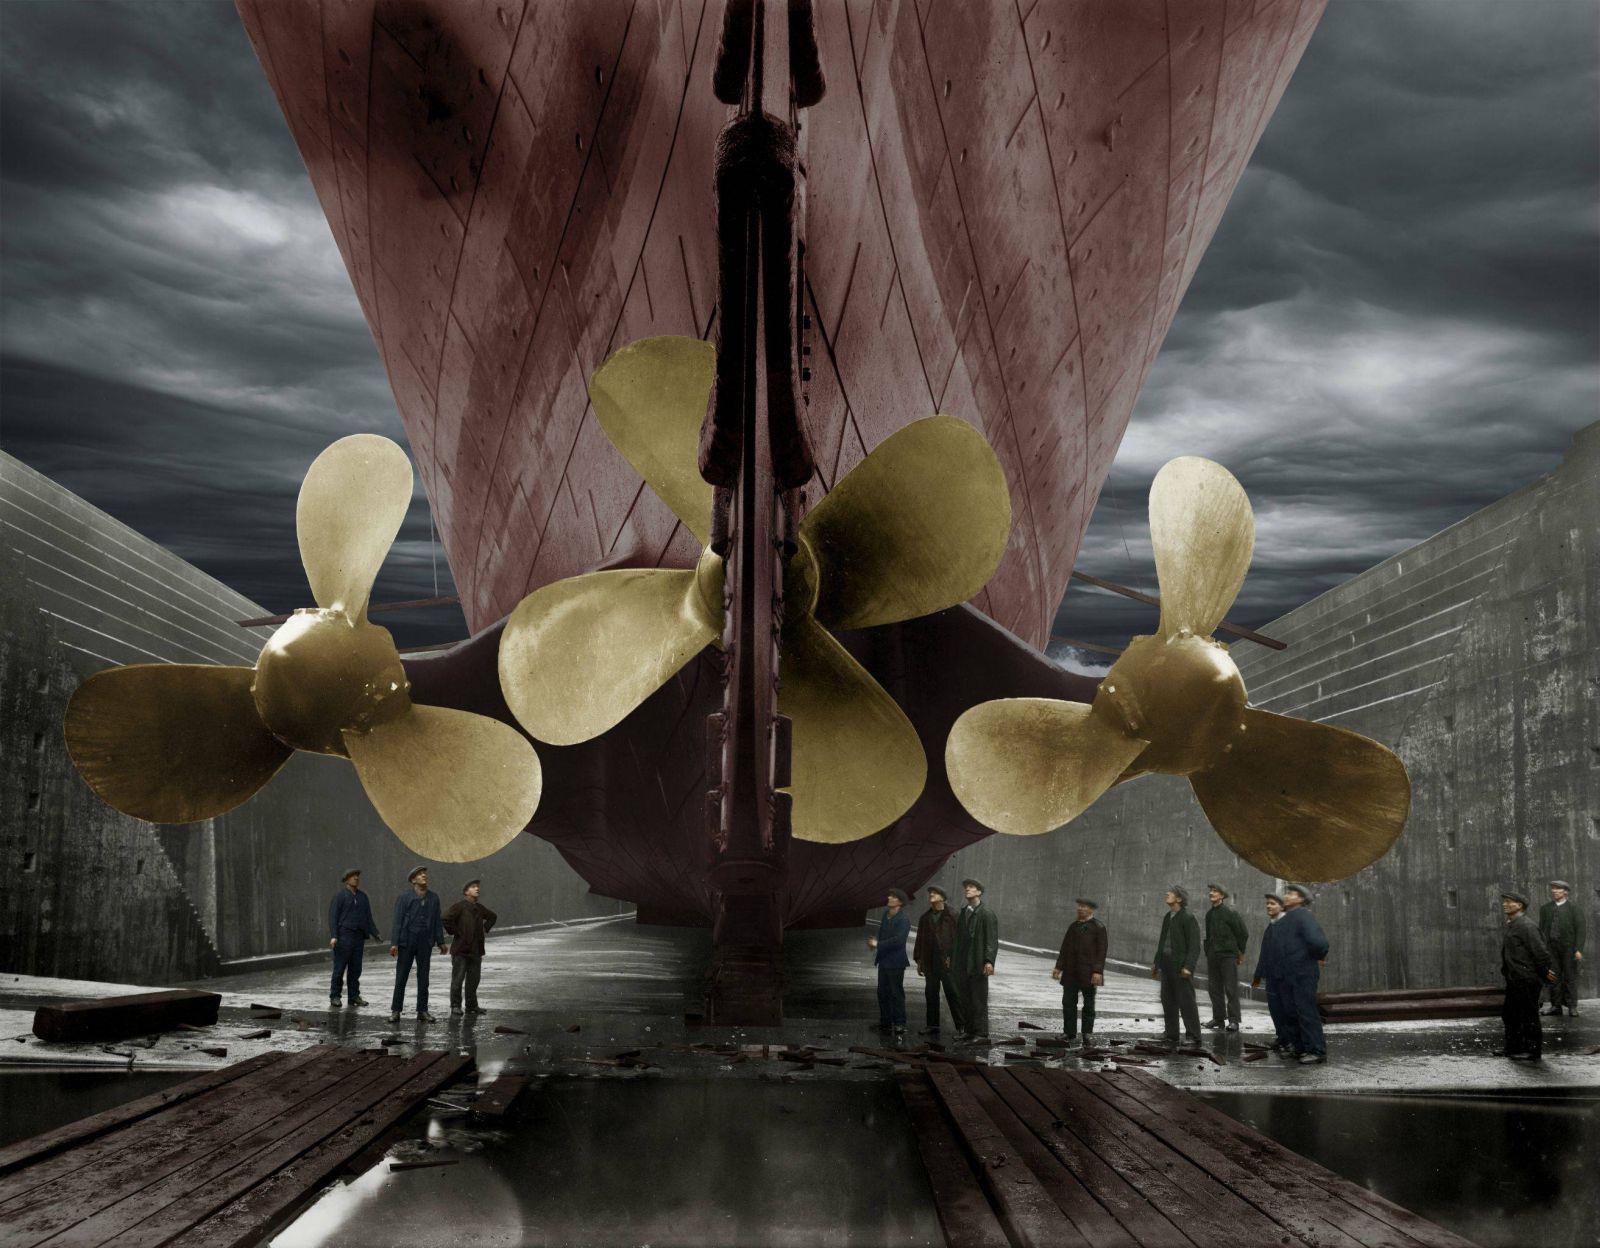 Ressel zdokonalil tzv. Archimédův šroub, jehož nákres zhotovil již Leonardo da Vinci.